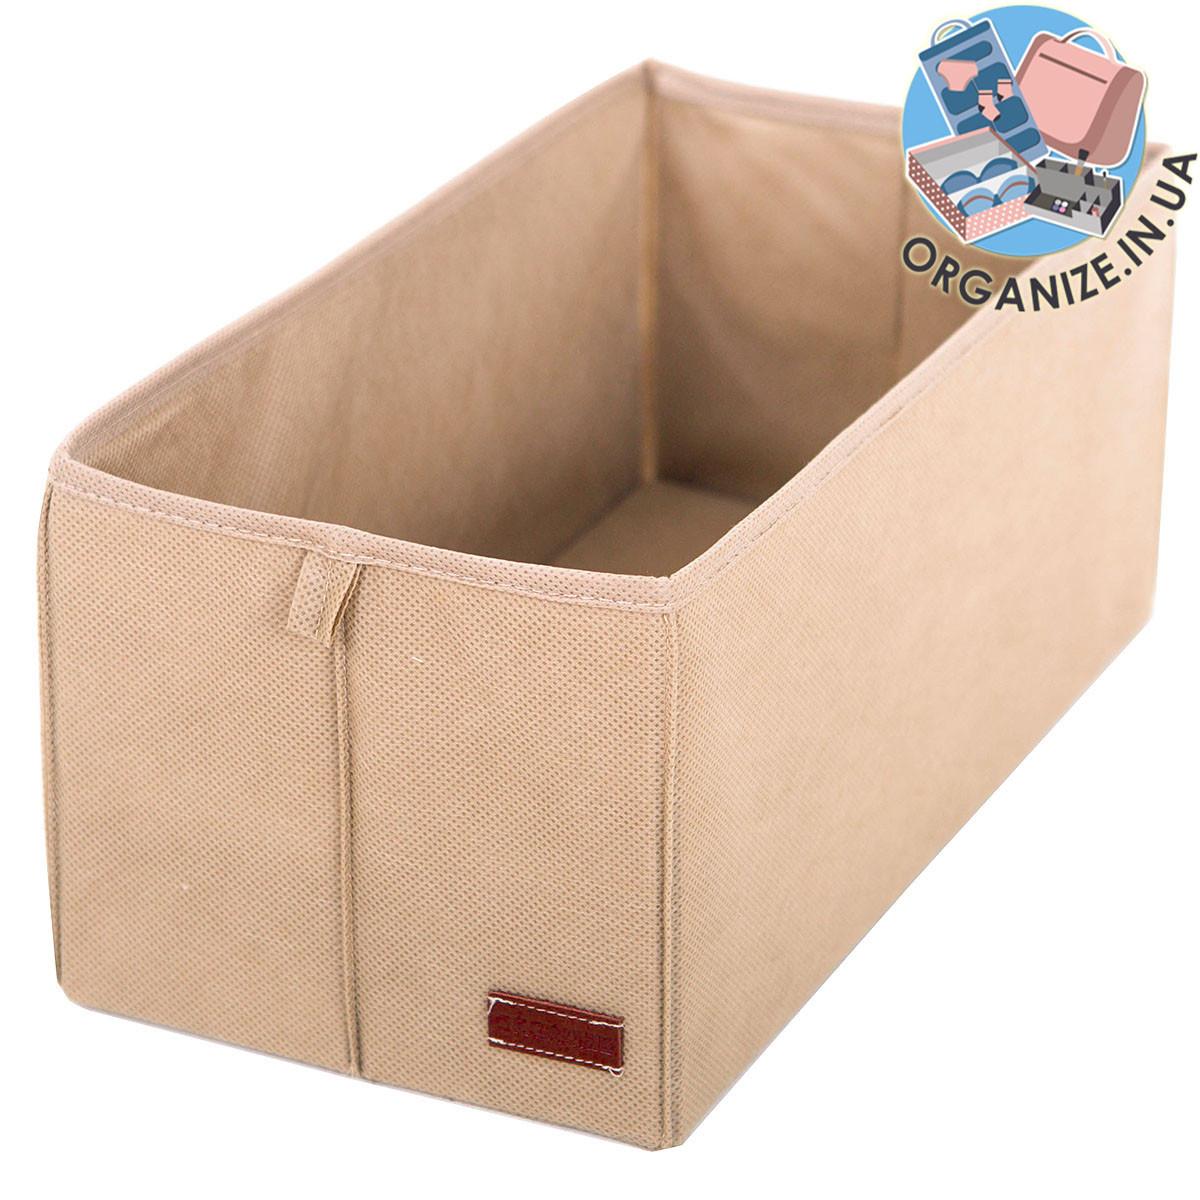 Текстильная коробка для хранения S ORGANIZE (бежевый)